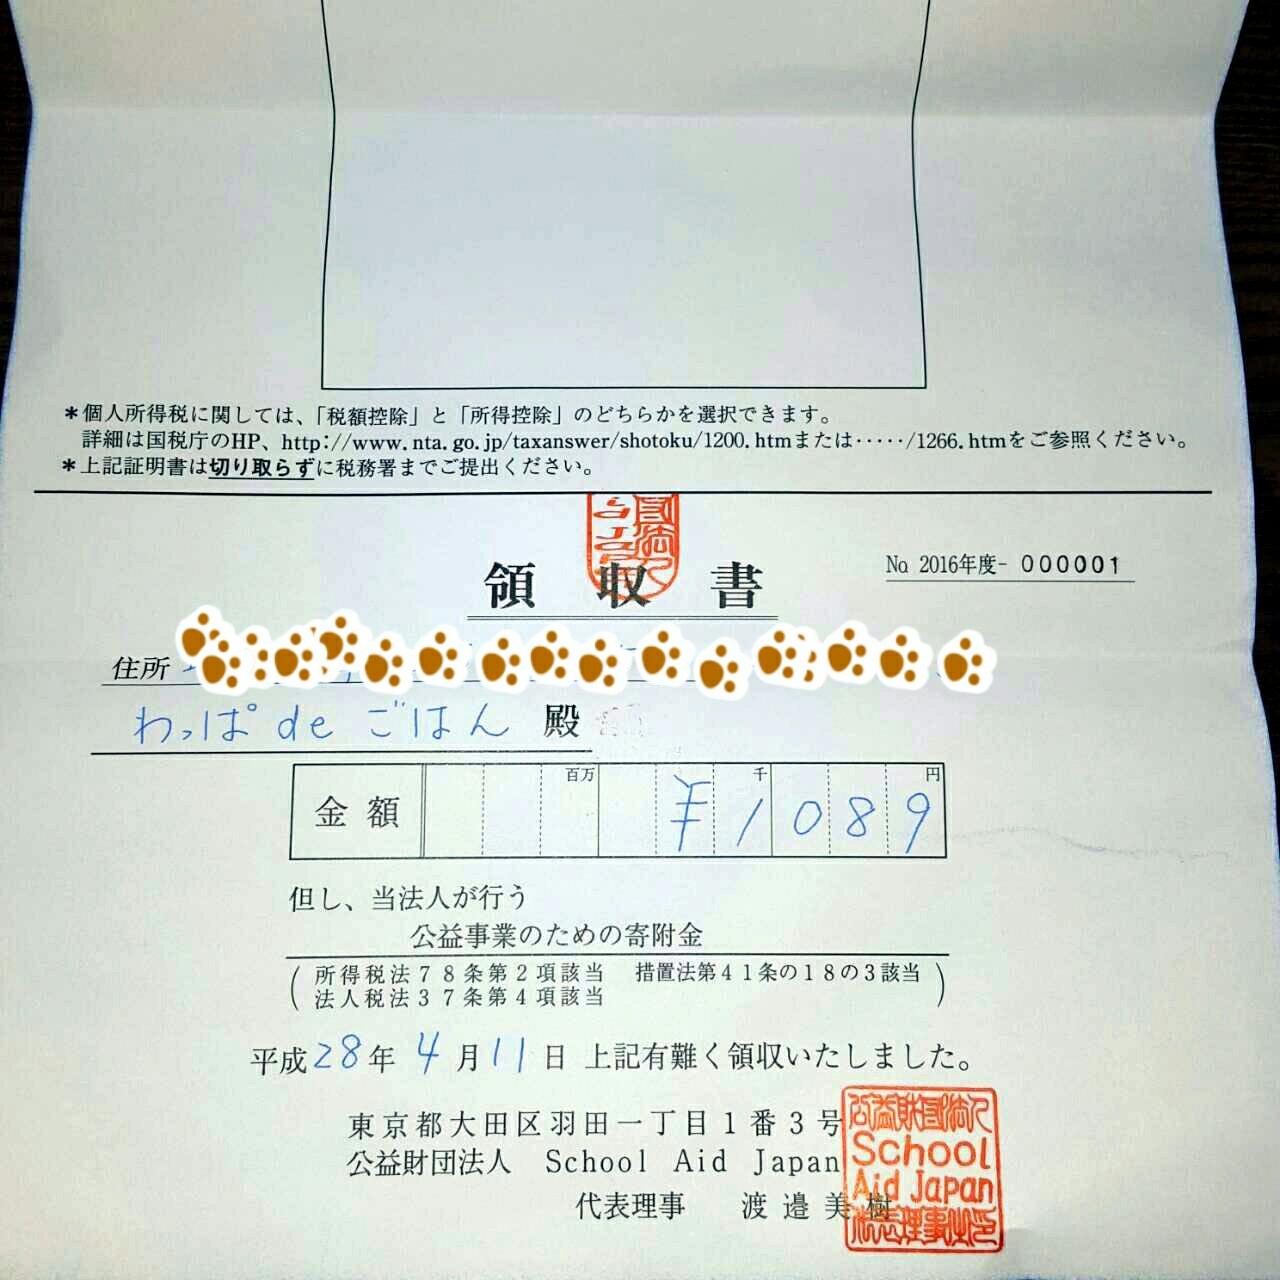 ボランティア寄付金の領収書